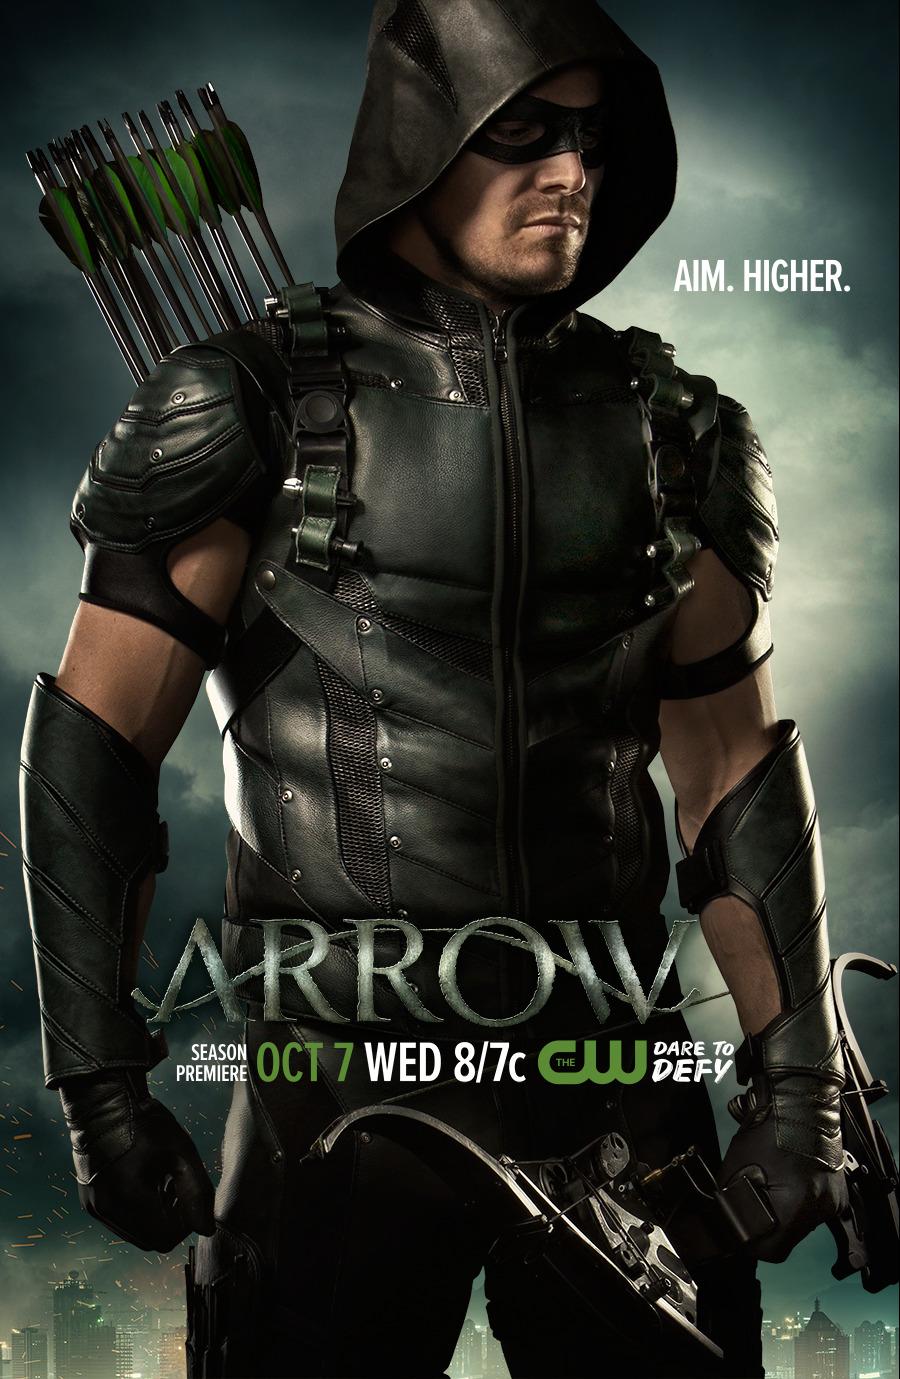 Arrow season 4 (2015)